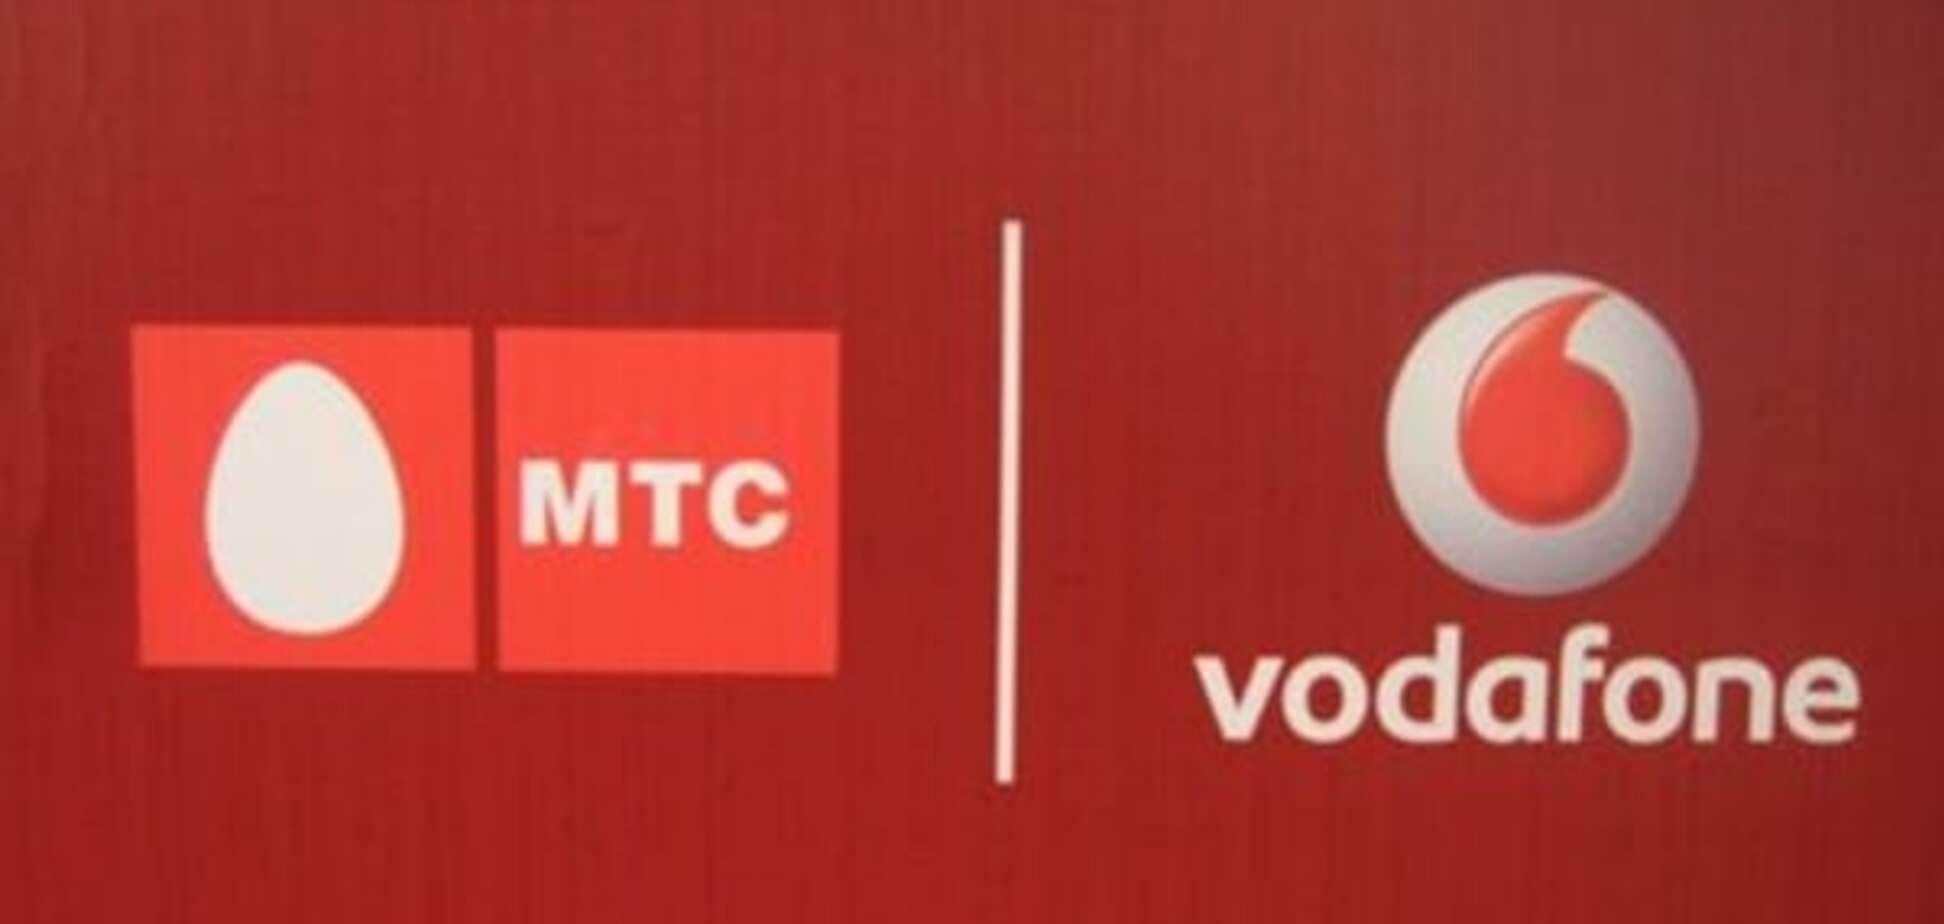 В Україні зникне мобільний оператор 'МТС'